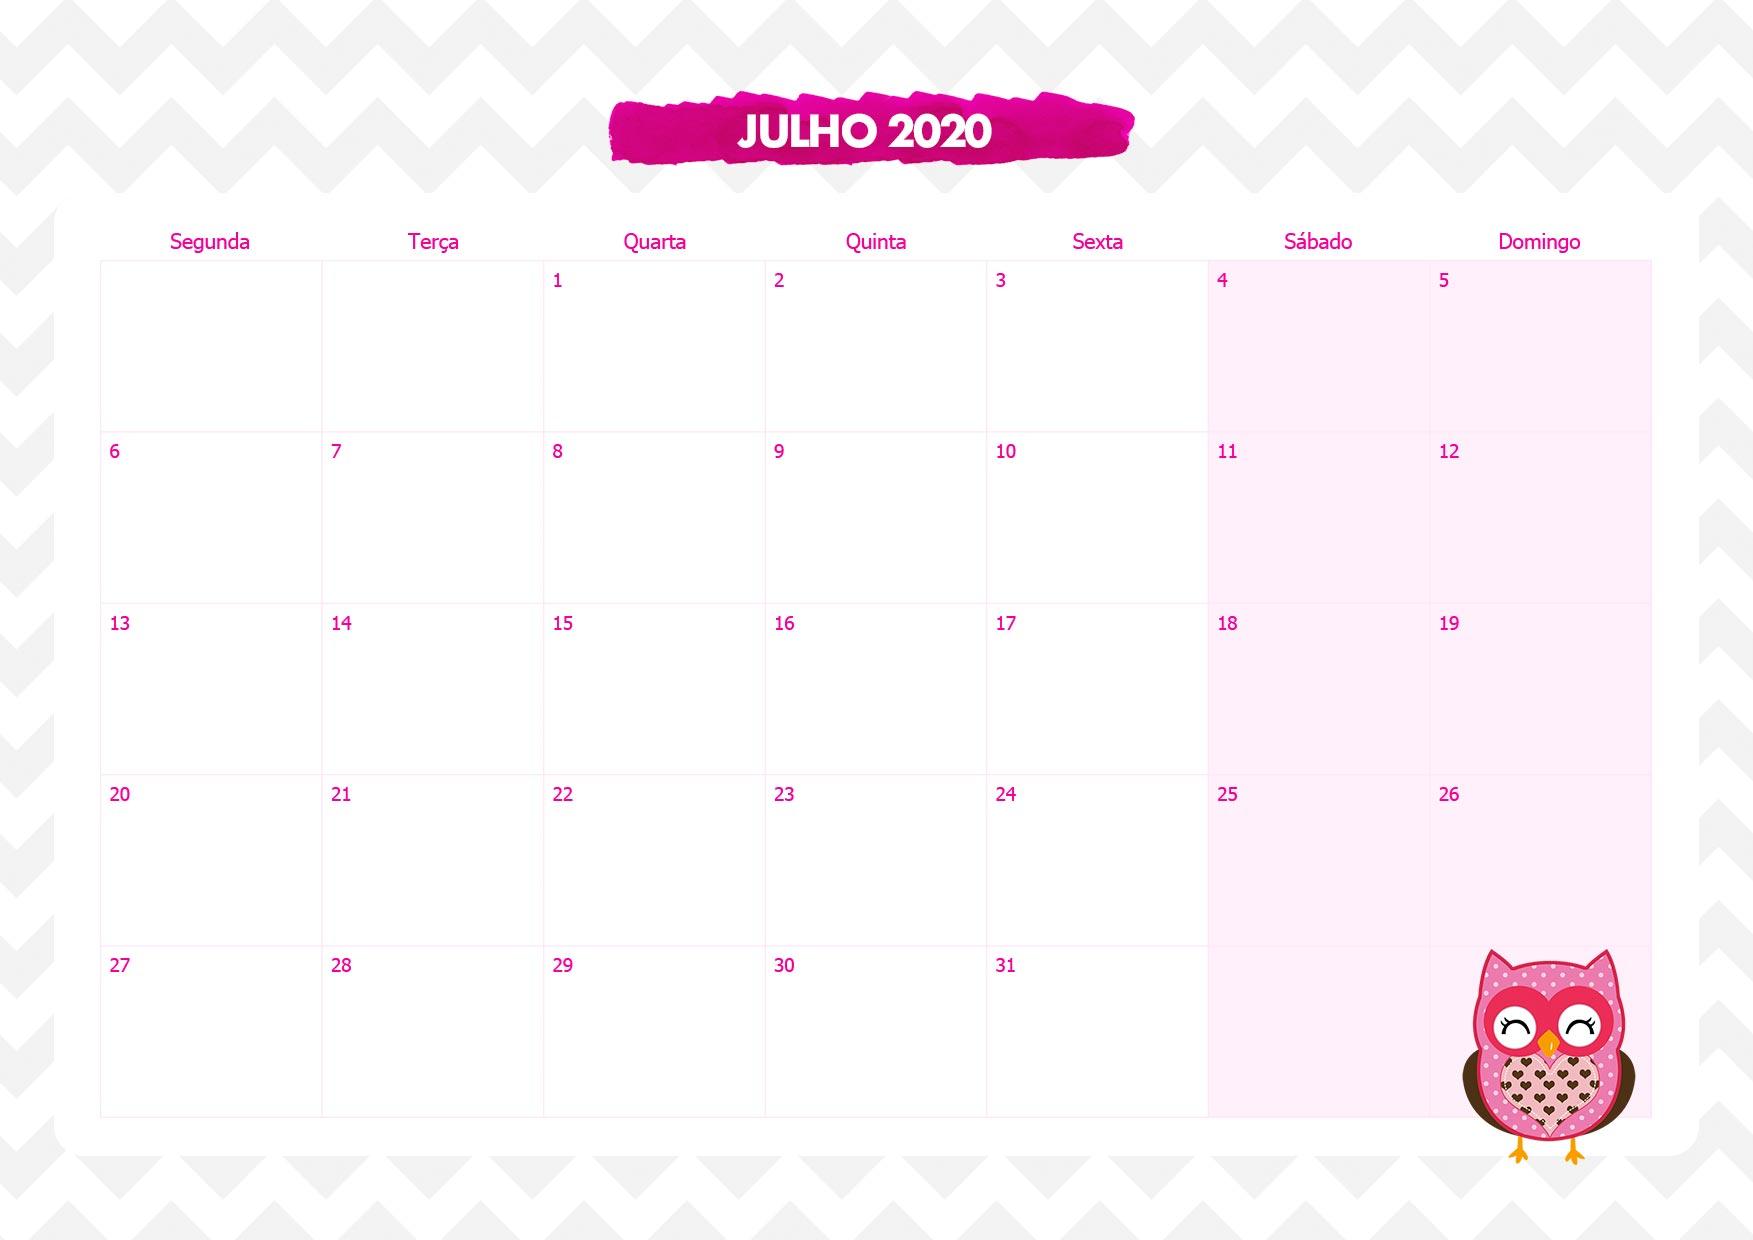 Calendario Mensal Corujinha Rosa Julho 2020